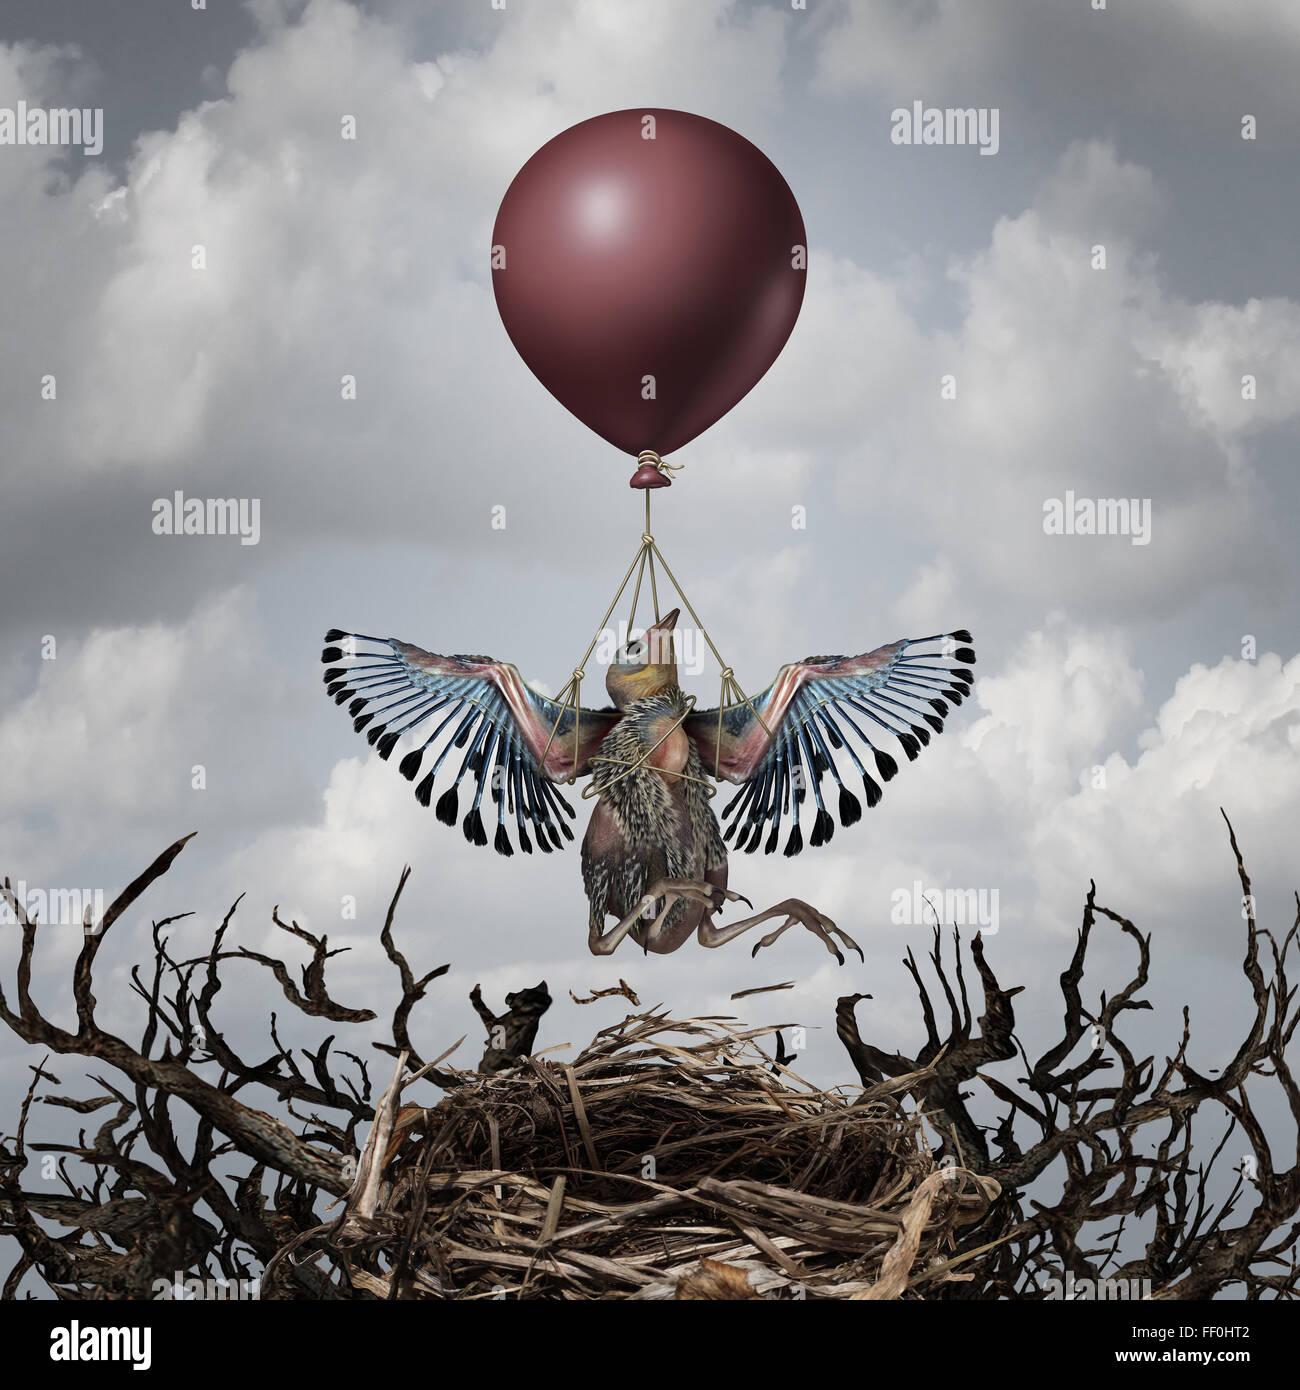 Aiutando il concetto di supporto e assistenza presto metafora come un bambino uccello essere innalzato al cielo Immagini Stock